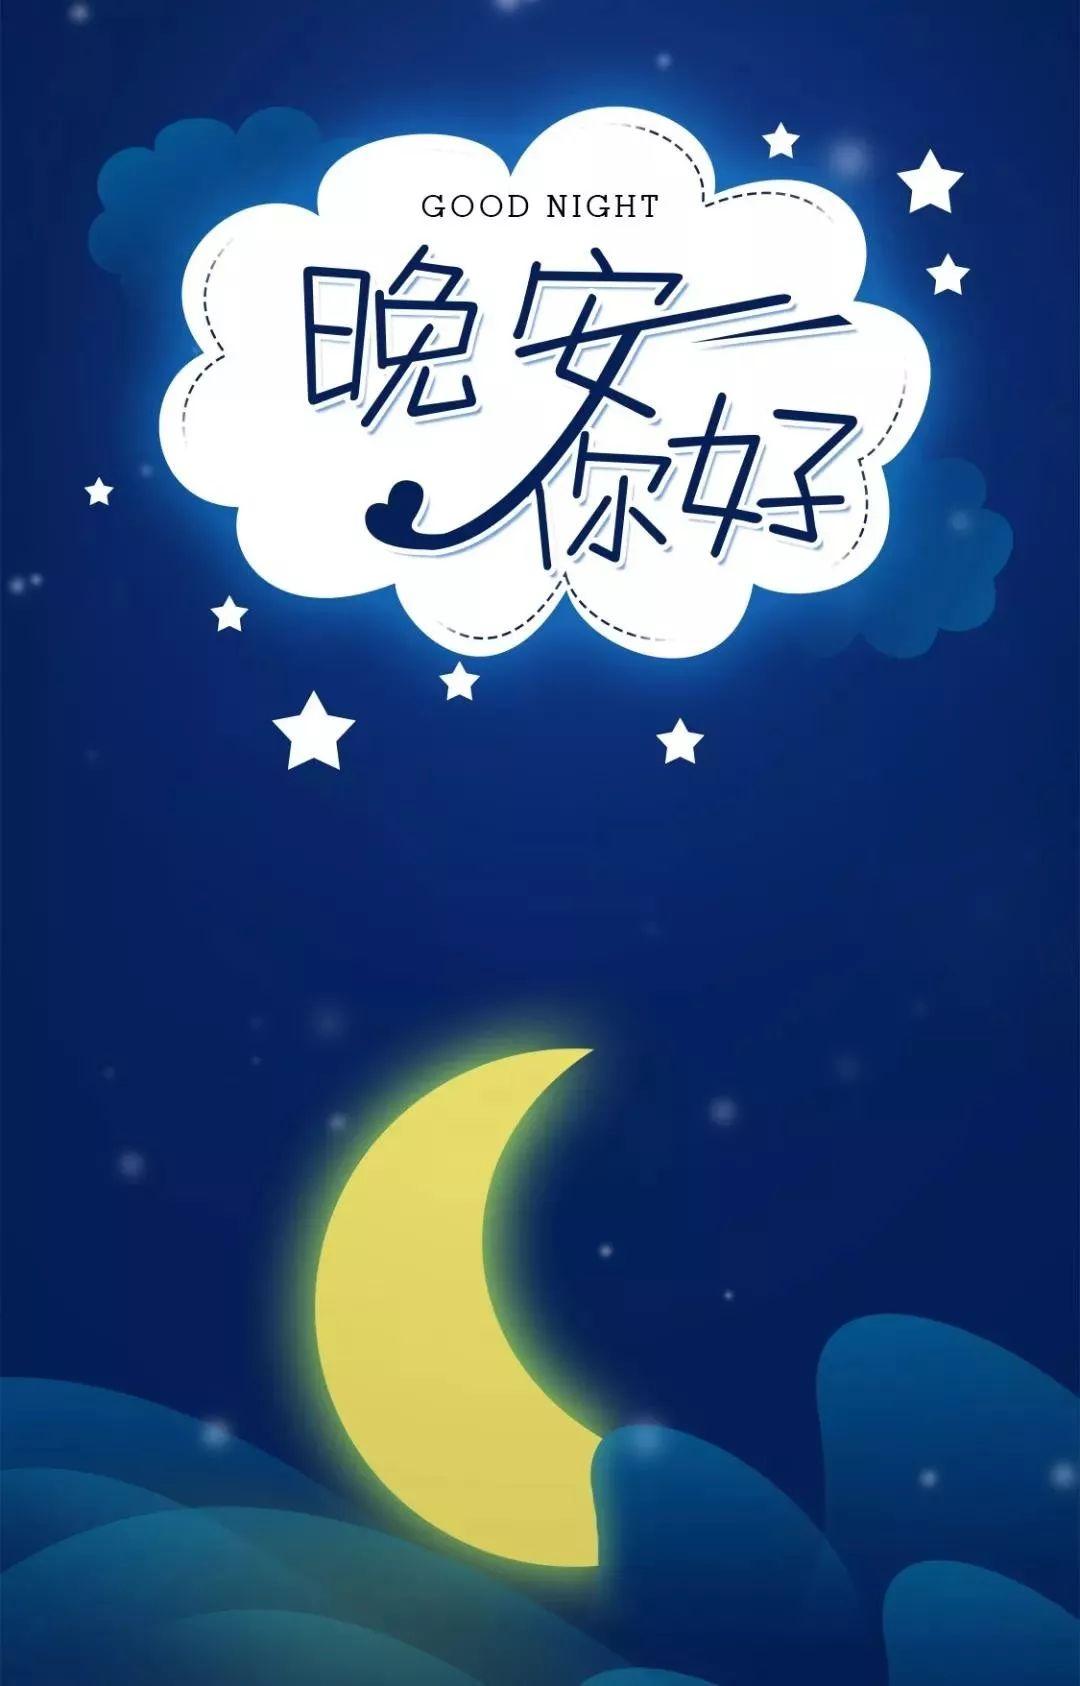 晚安图片大全带字唯美正能量 晚安心语短句说说励志